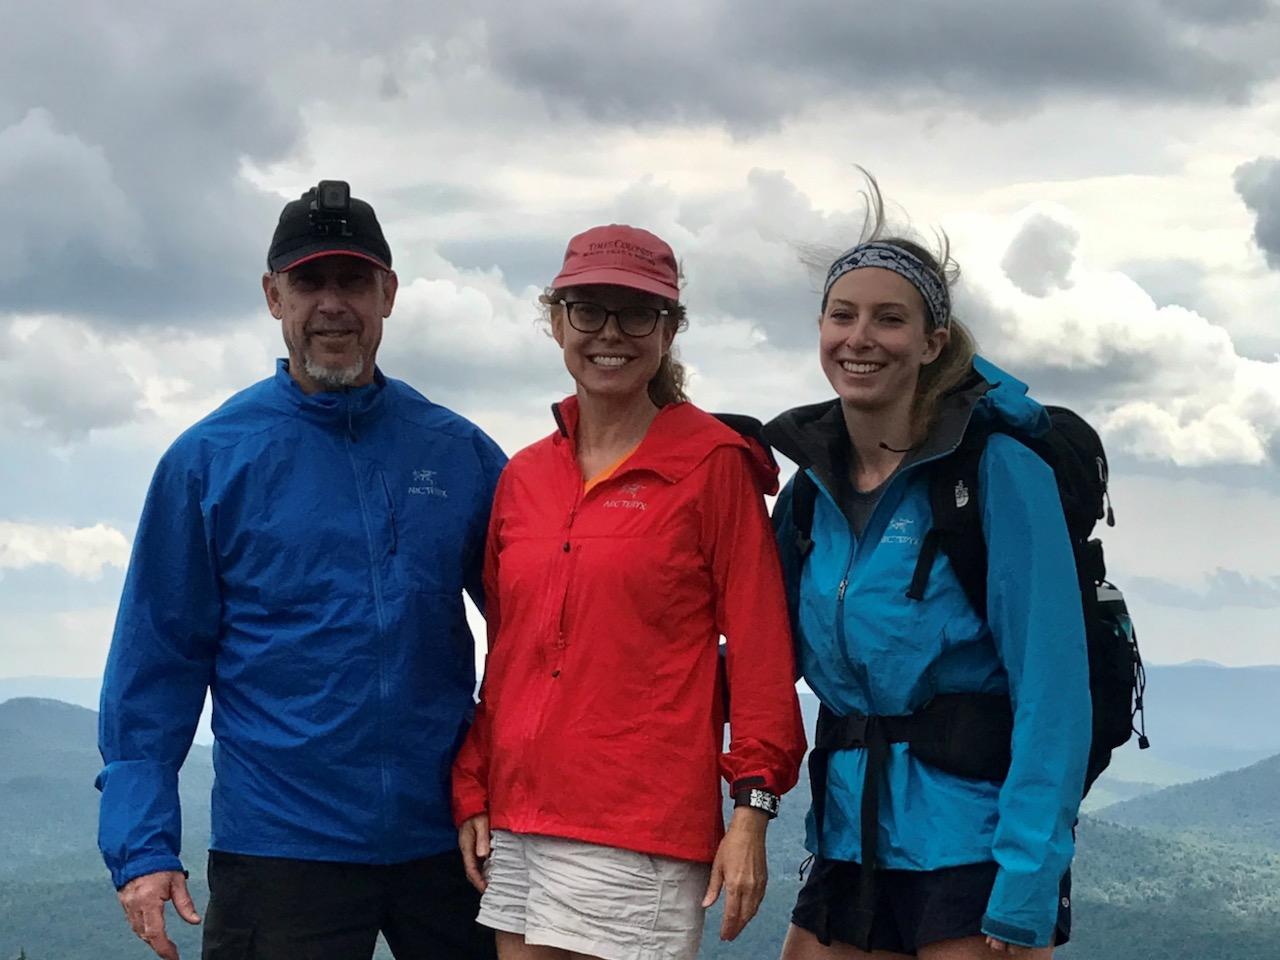 image de trois personne devant une montagne